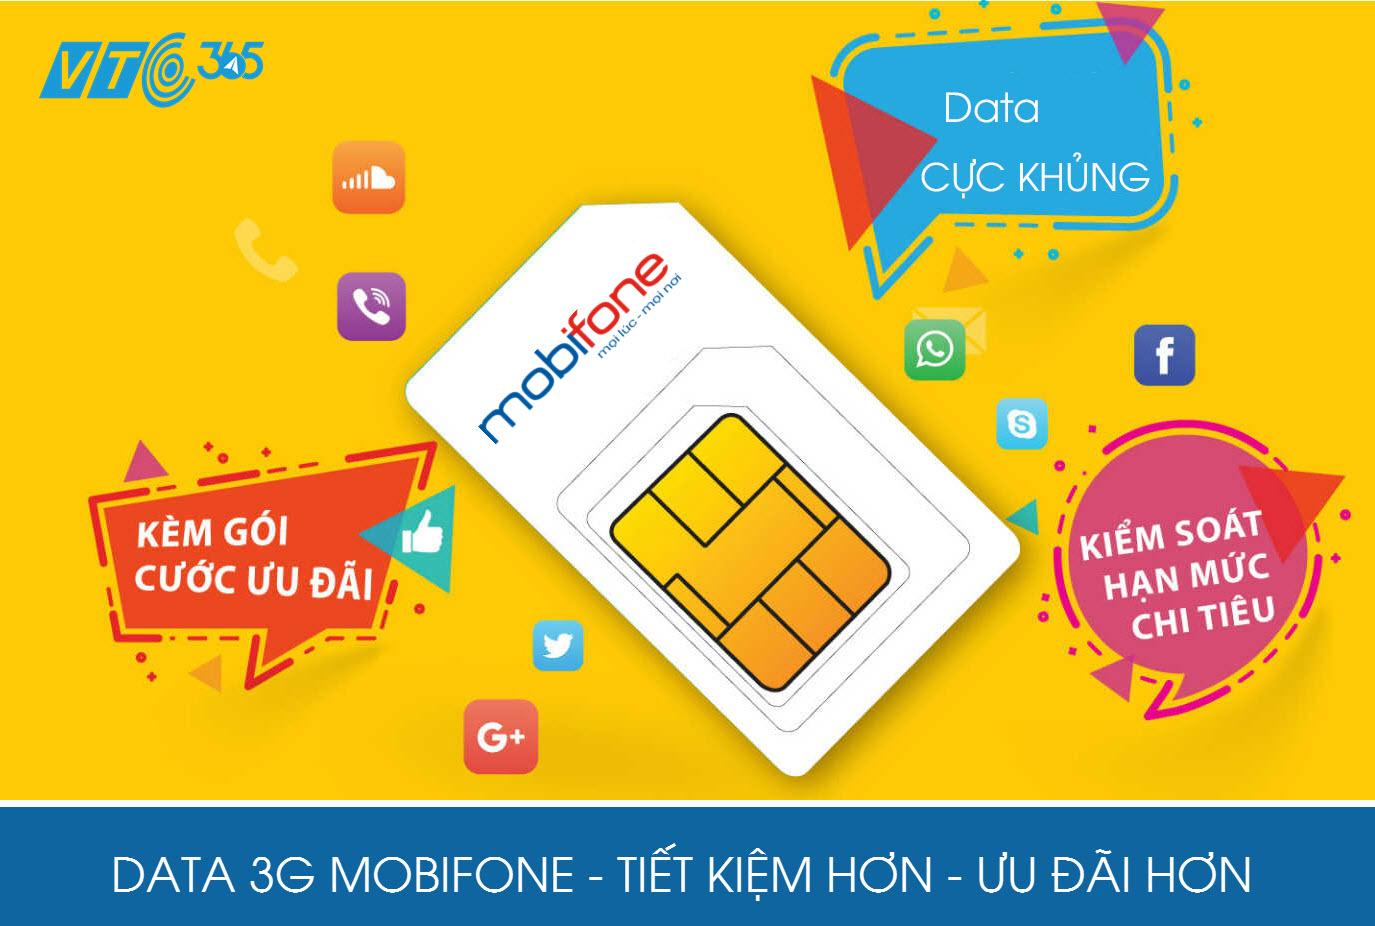 toptin247.com - Hướng dẫn đăng kí cước theo ngày D5 nhà cung cấp Mobifone